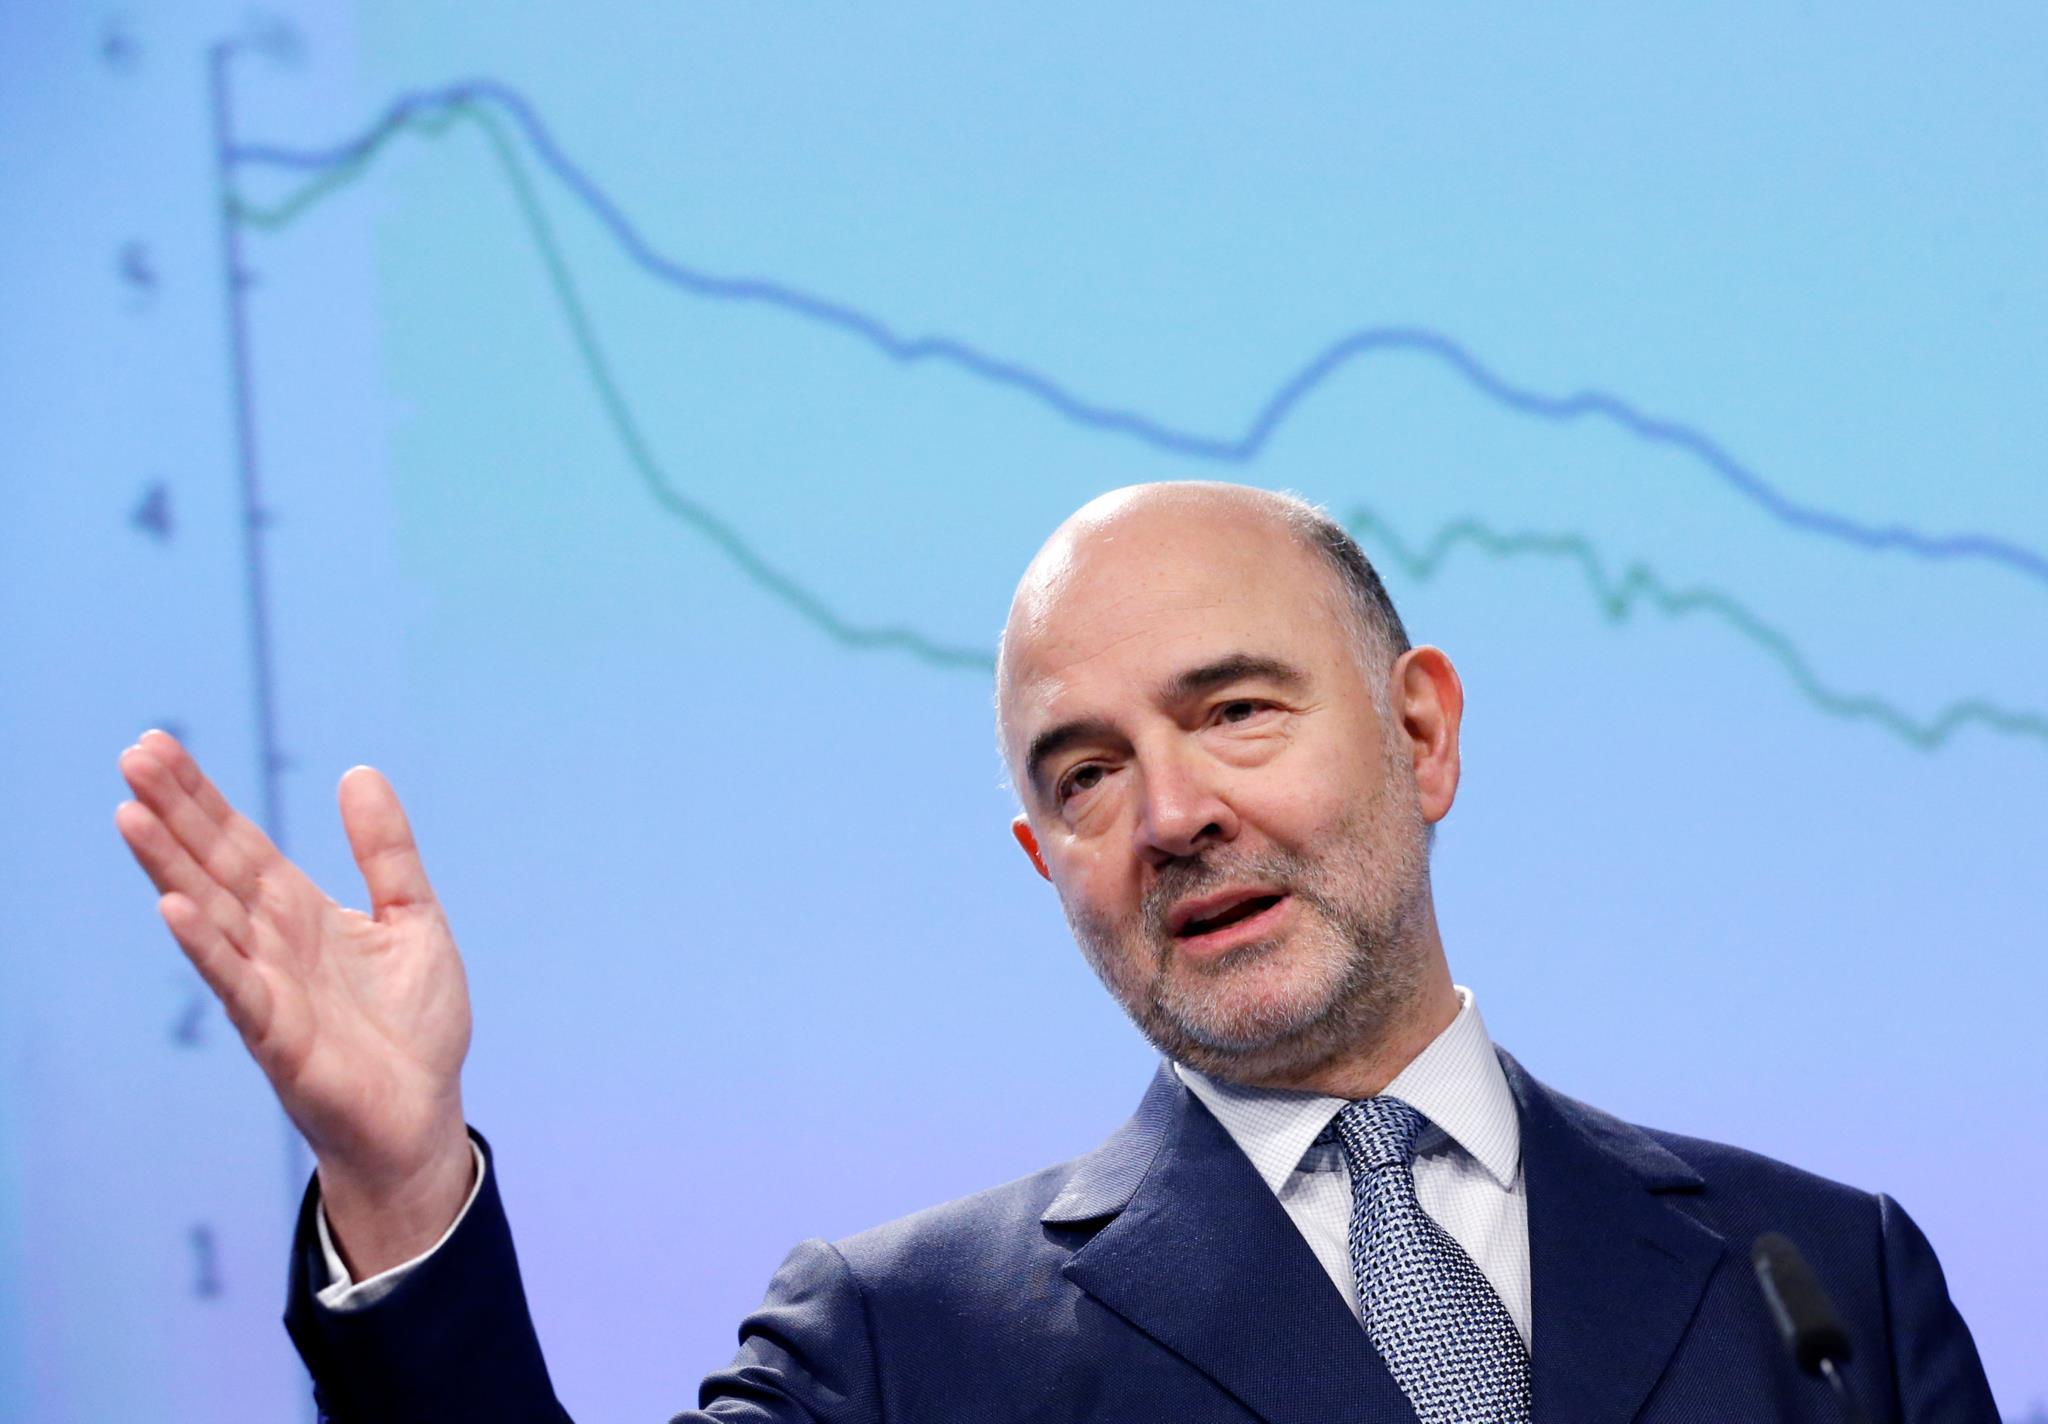 PÚBLICO - Bruxelas descontente com estratégia de redução da despesa do Governo